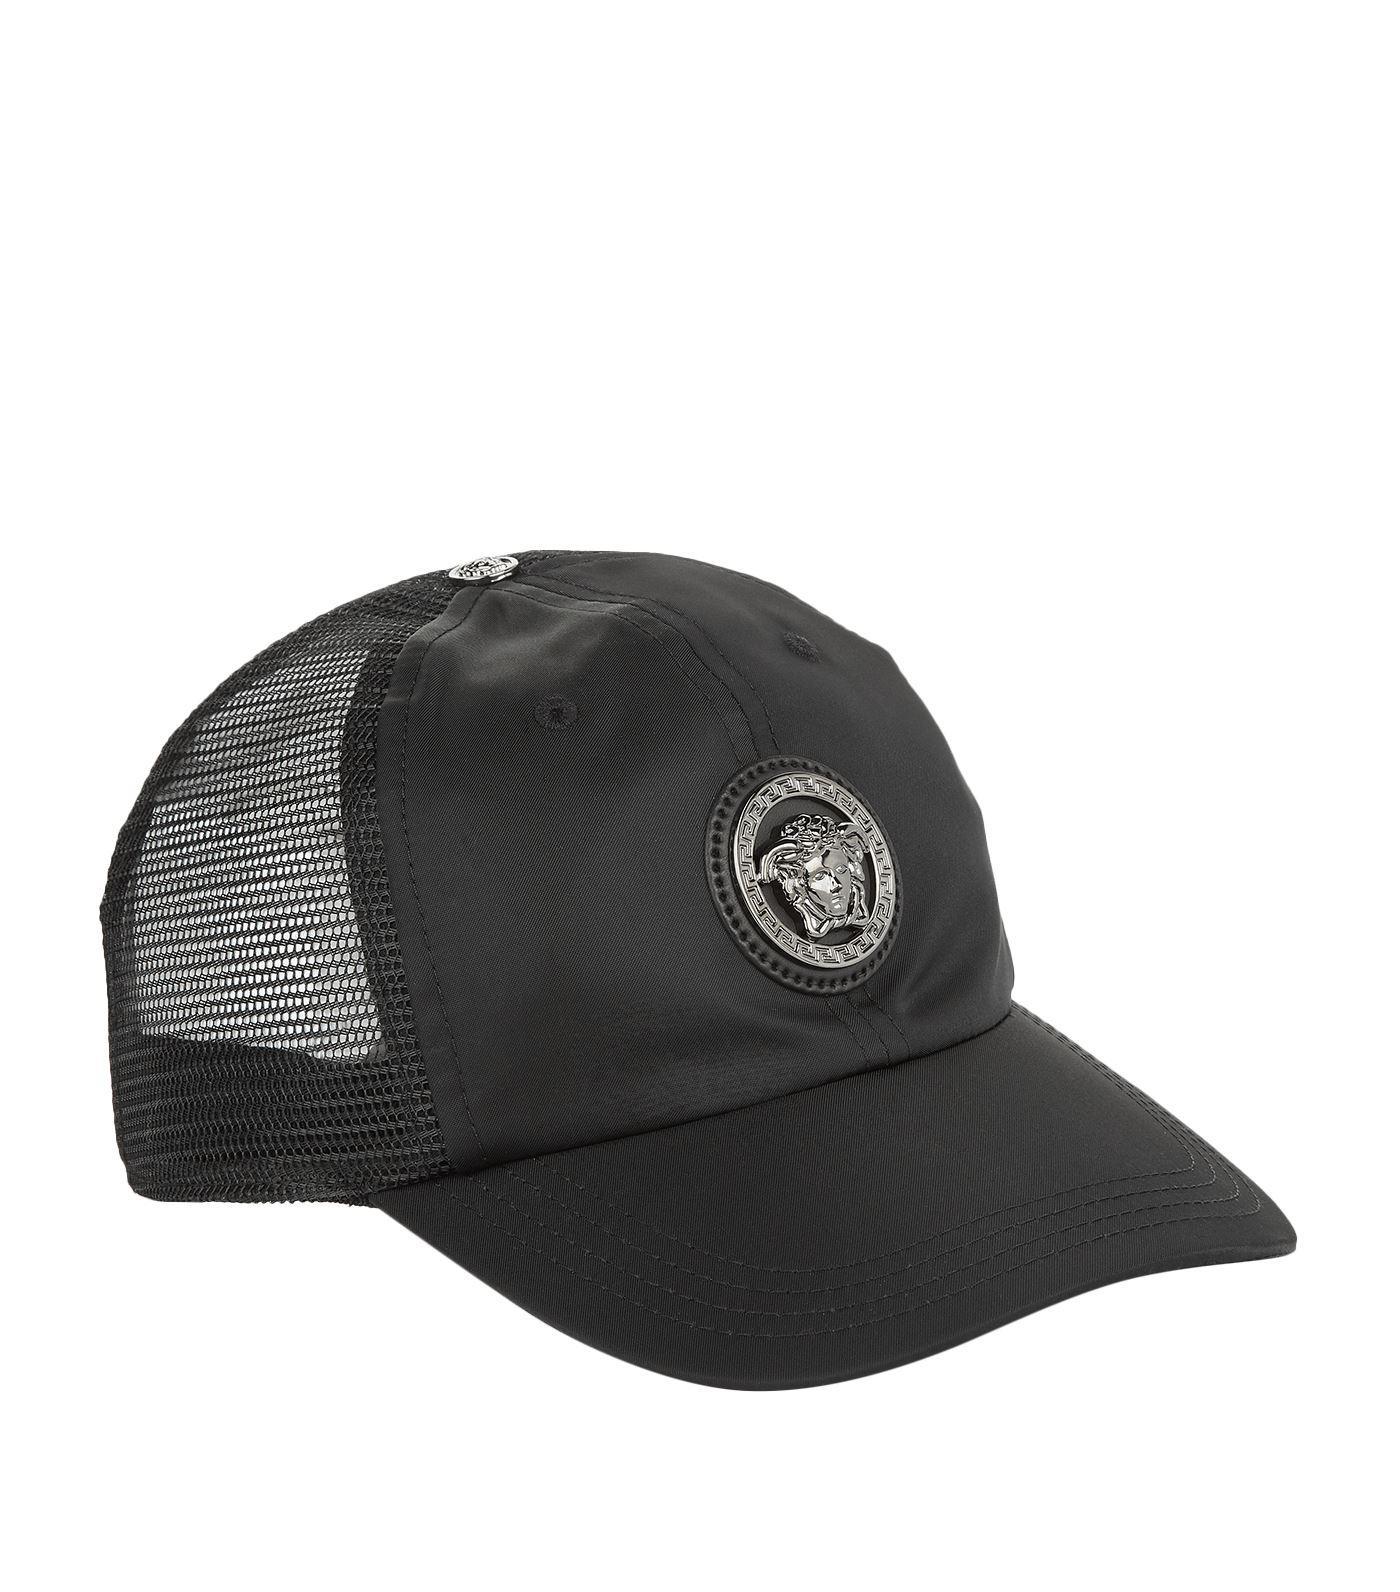 Lyst - Versace Medusa Logo Baseball Cap in Black for Men 1039dd2b647